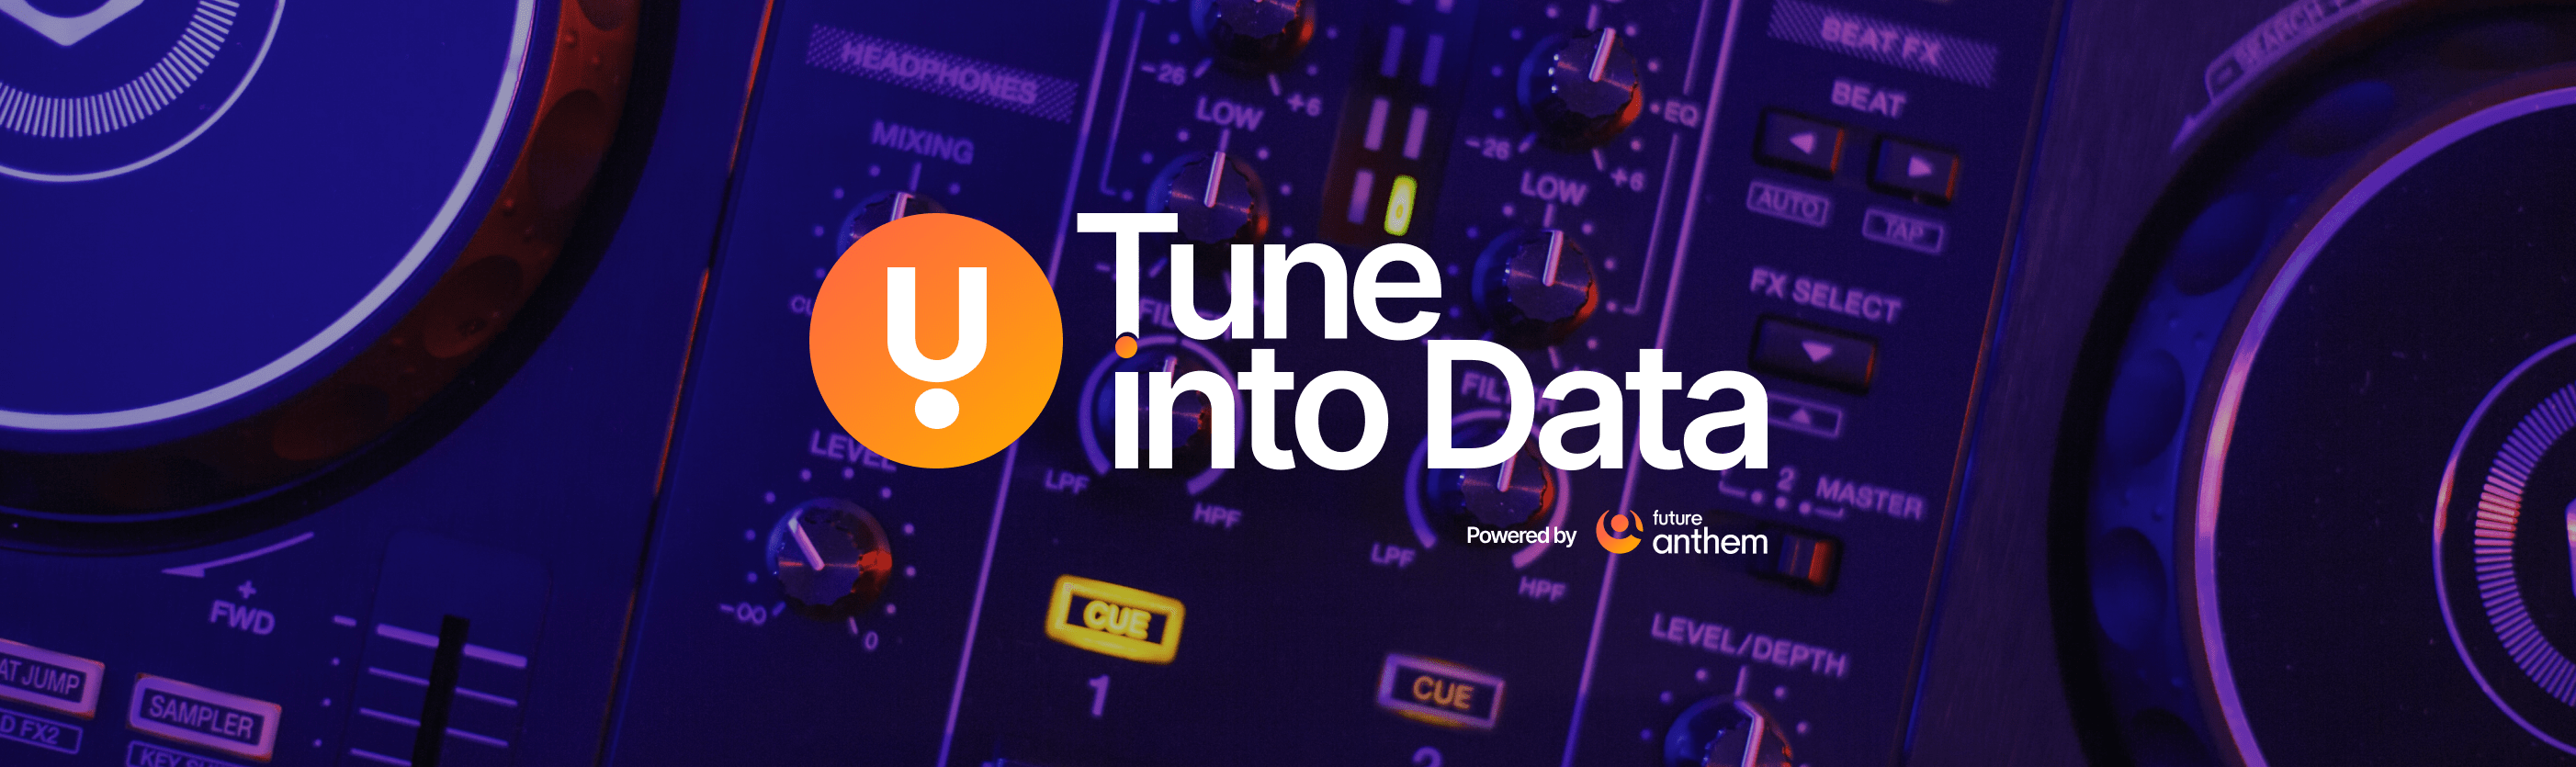 Tune into Data website banner Update-min